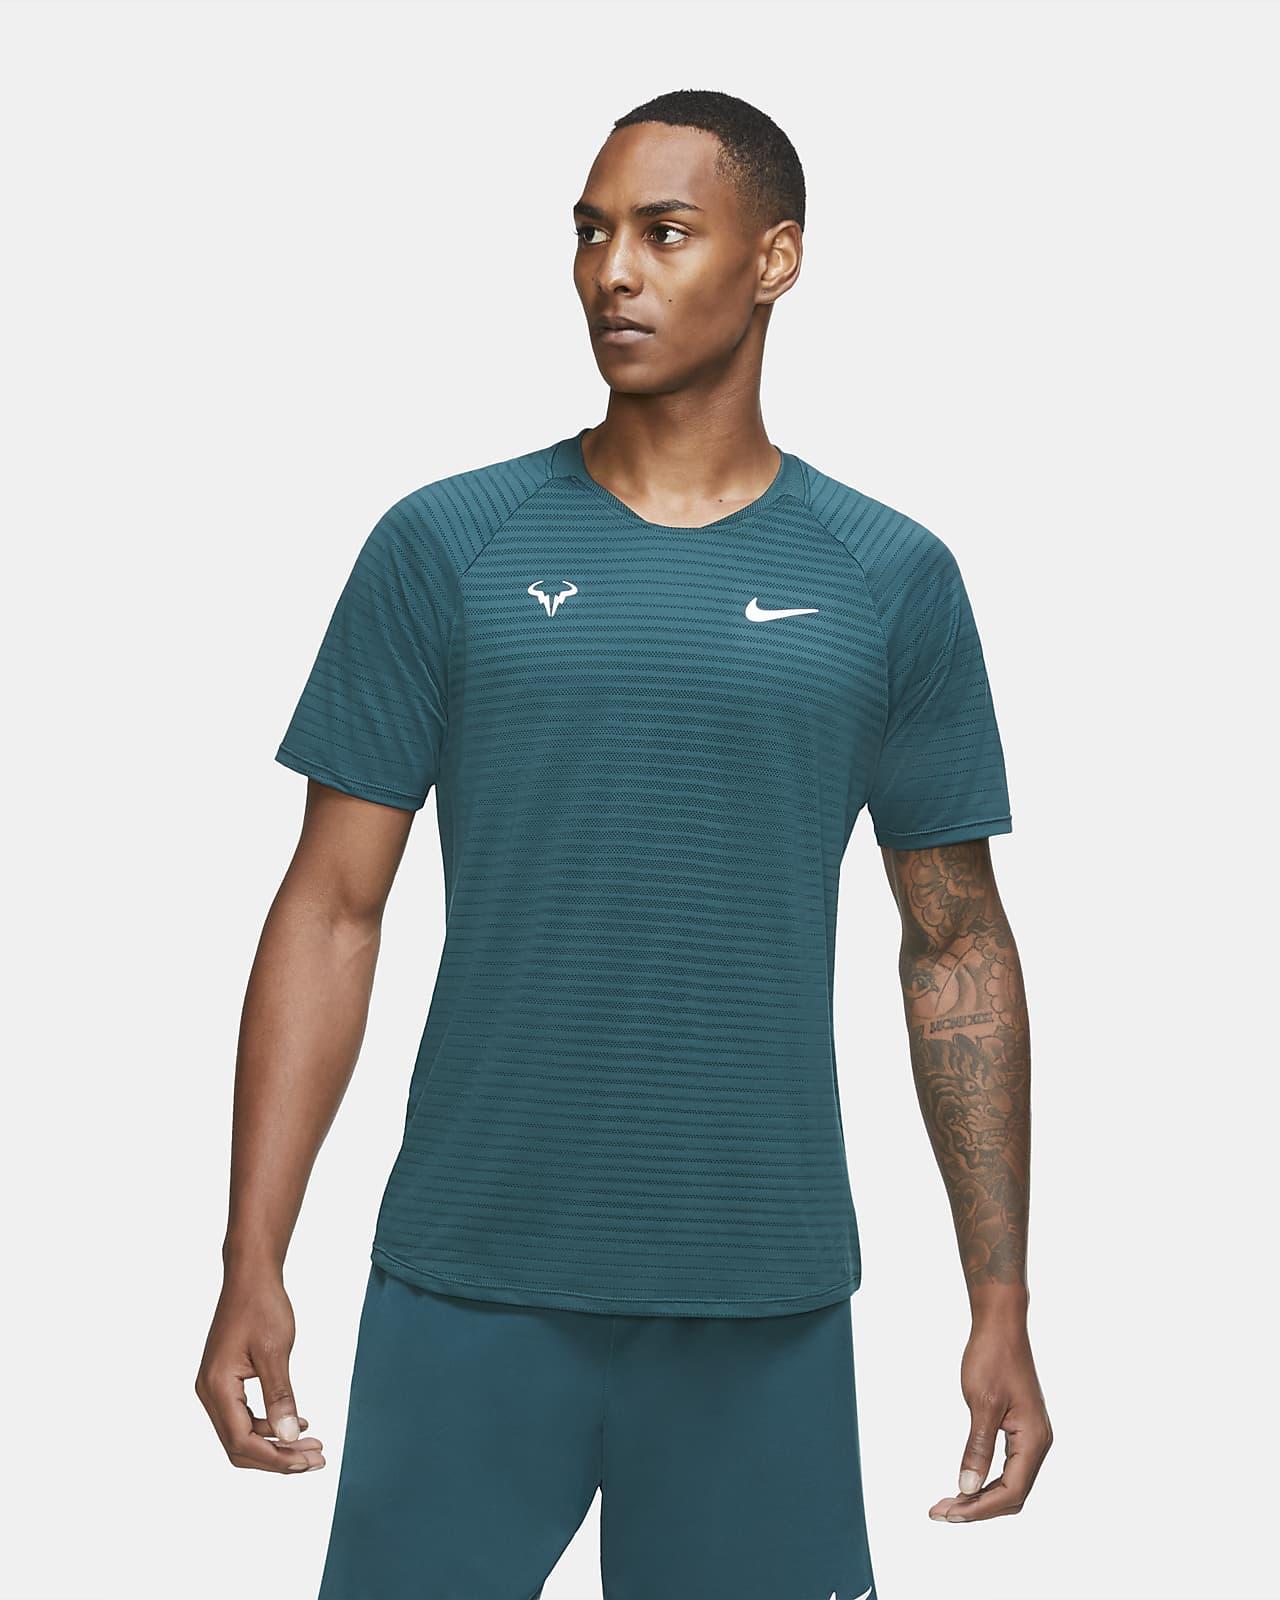 Pánské tenisové tričko NikeCourt AeroReact Rafa Slam skrátkým rukávem